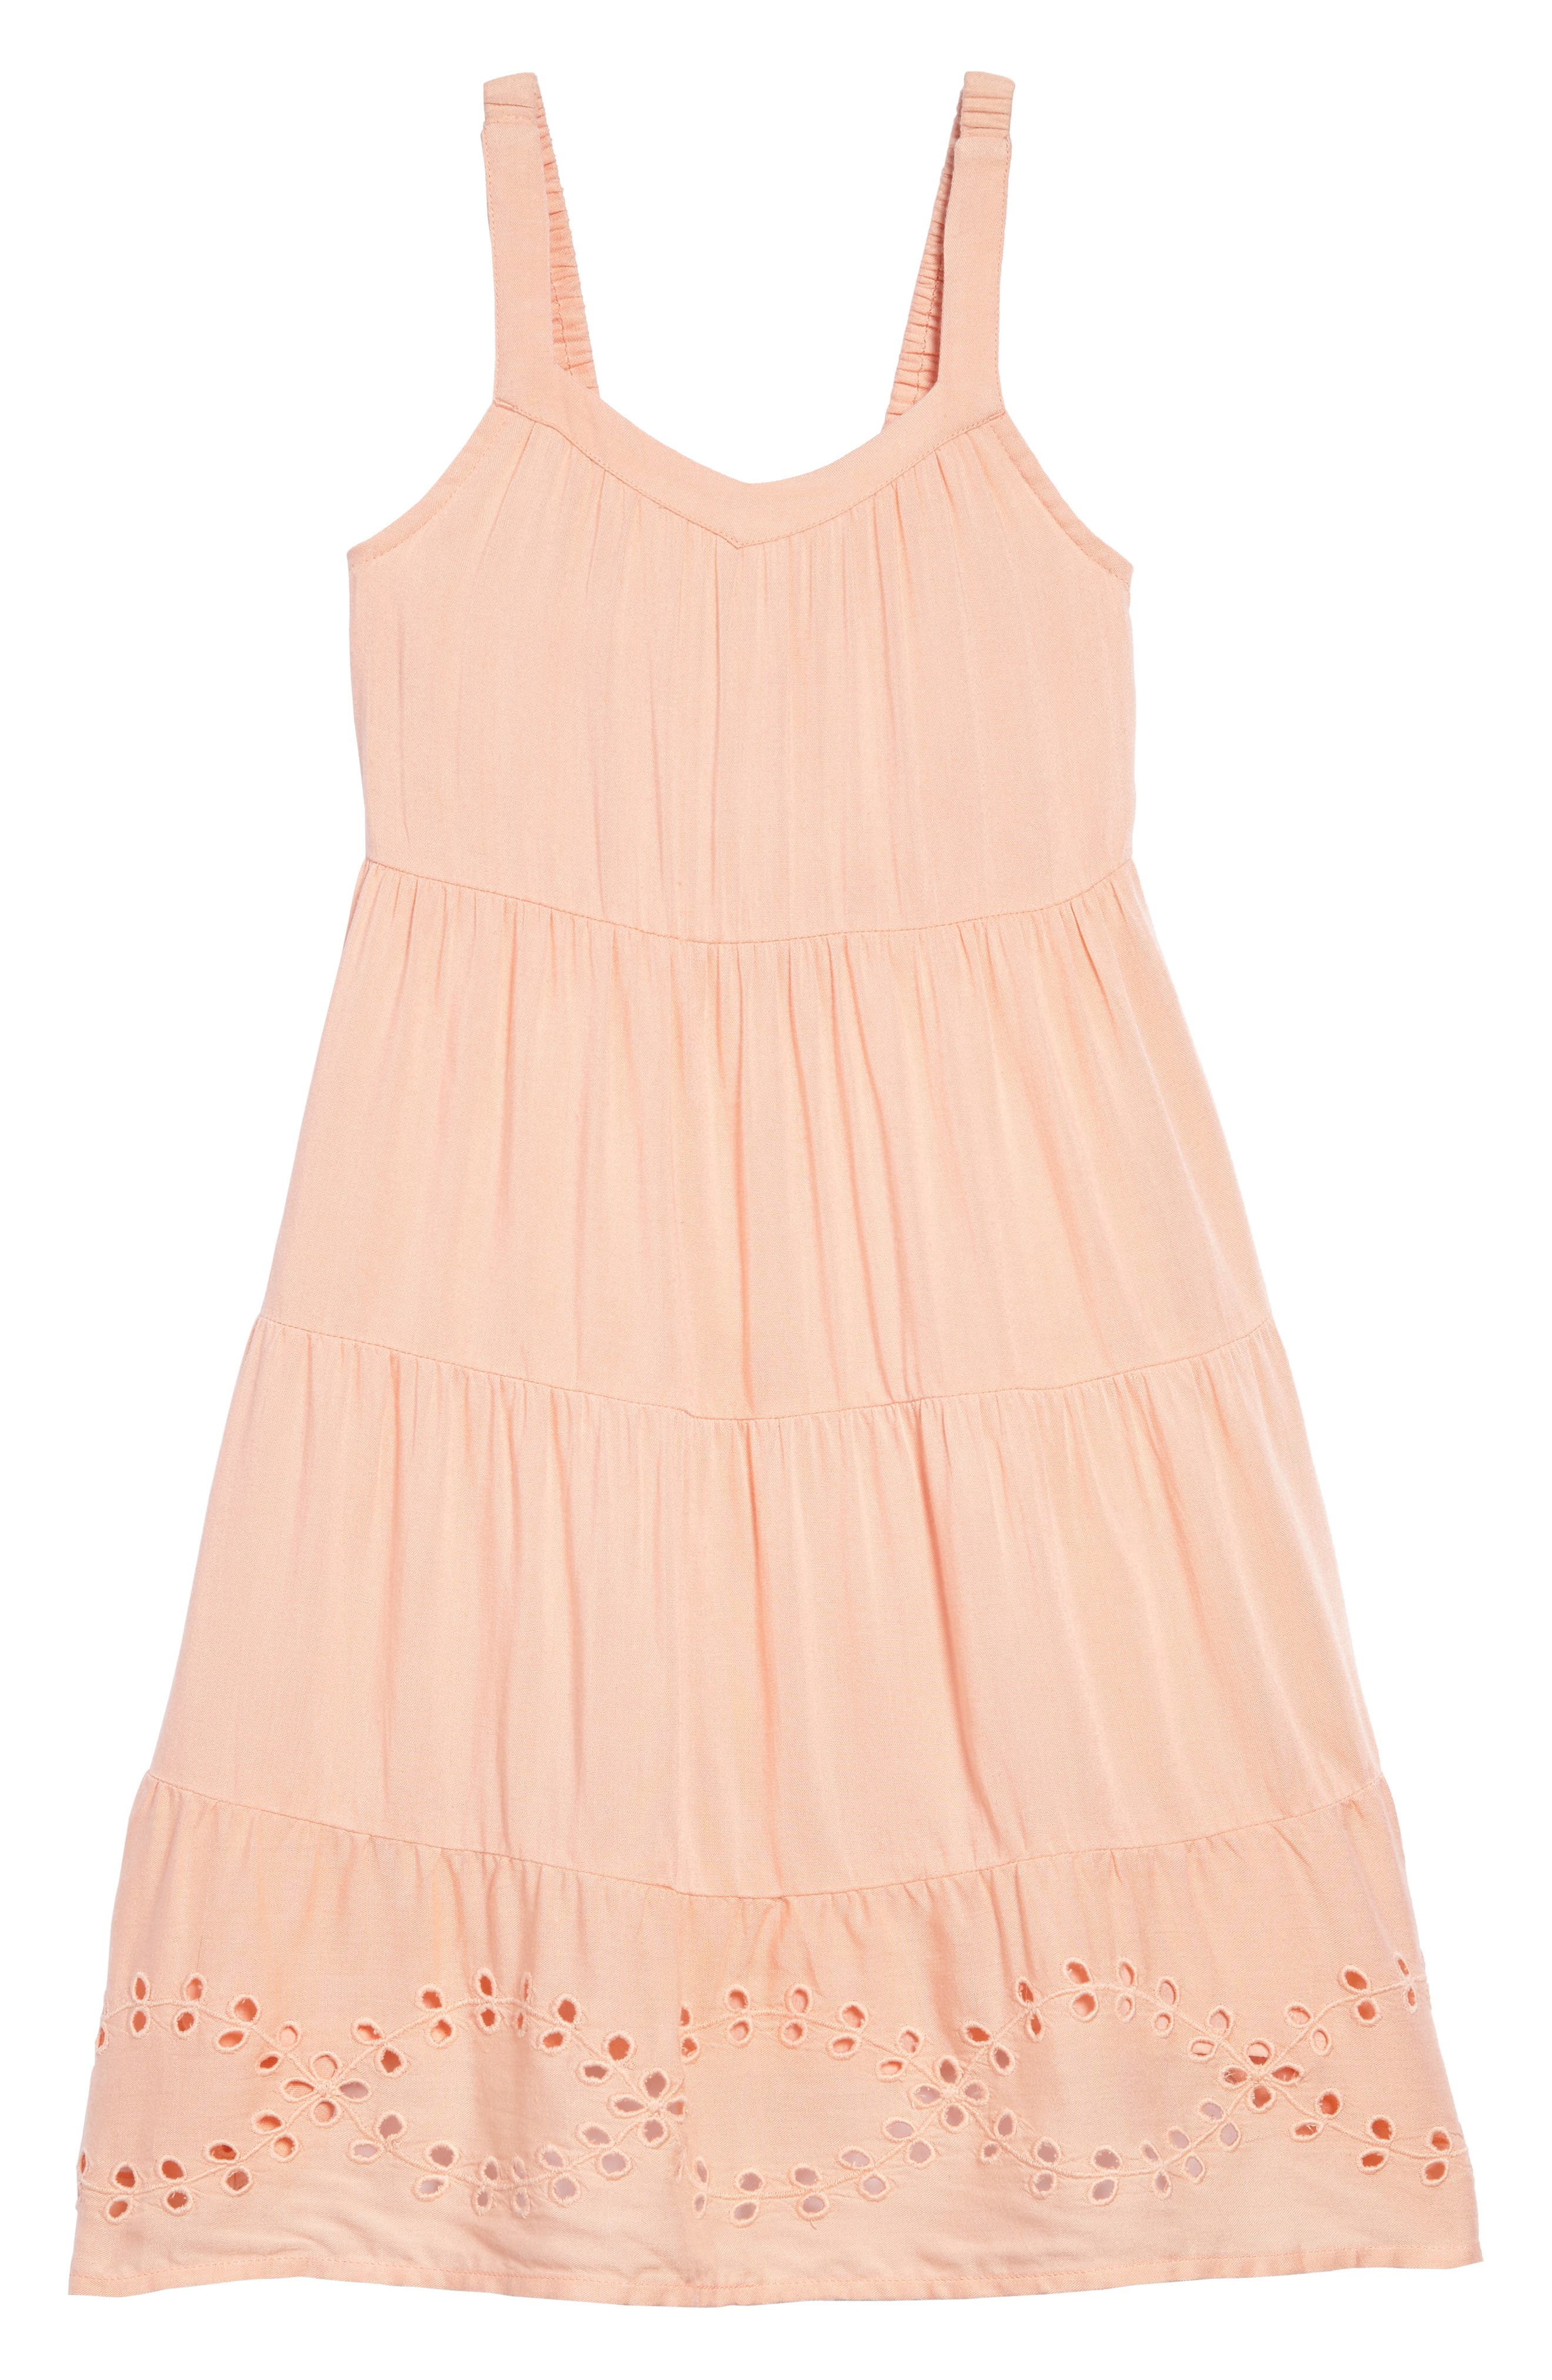 O'Neill Wanderer Dress (Toddler Girls & Little Girls)